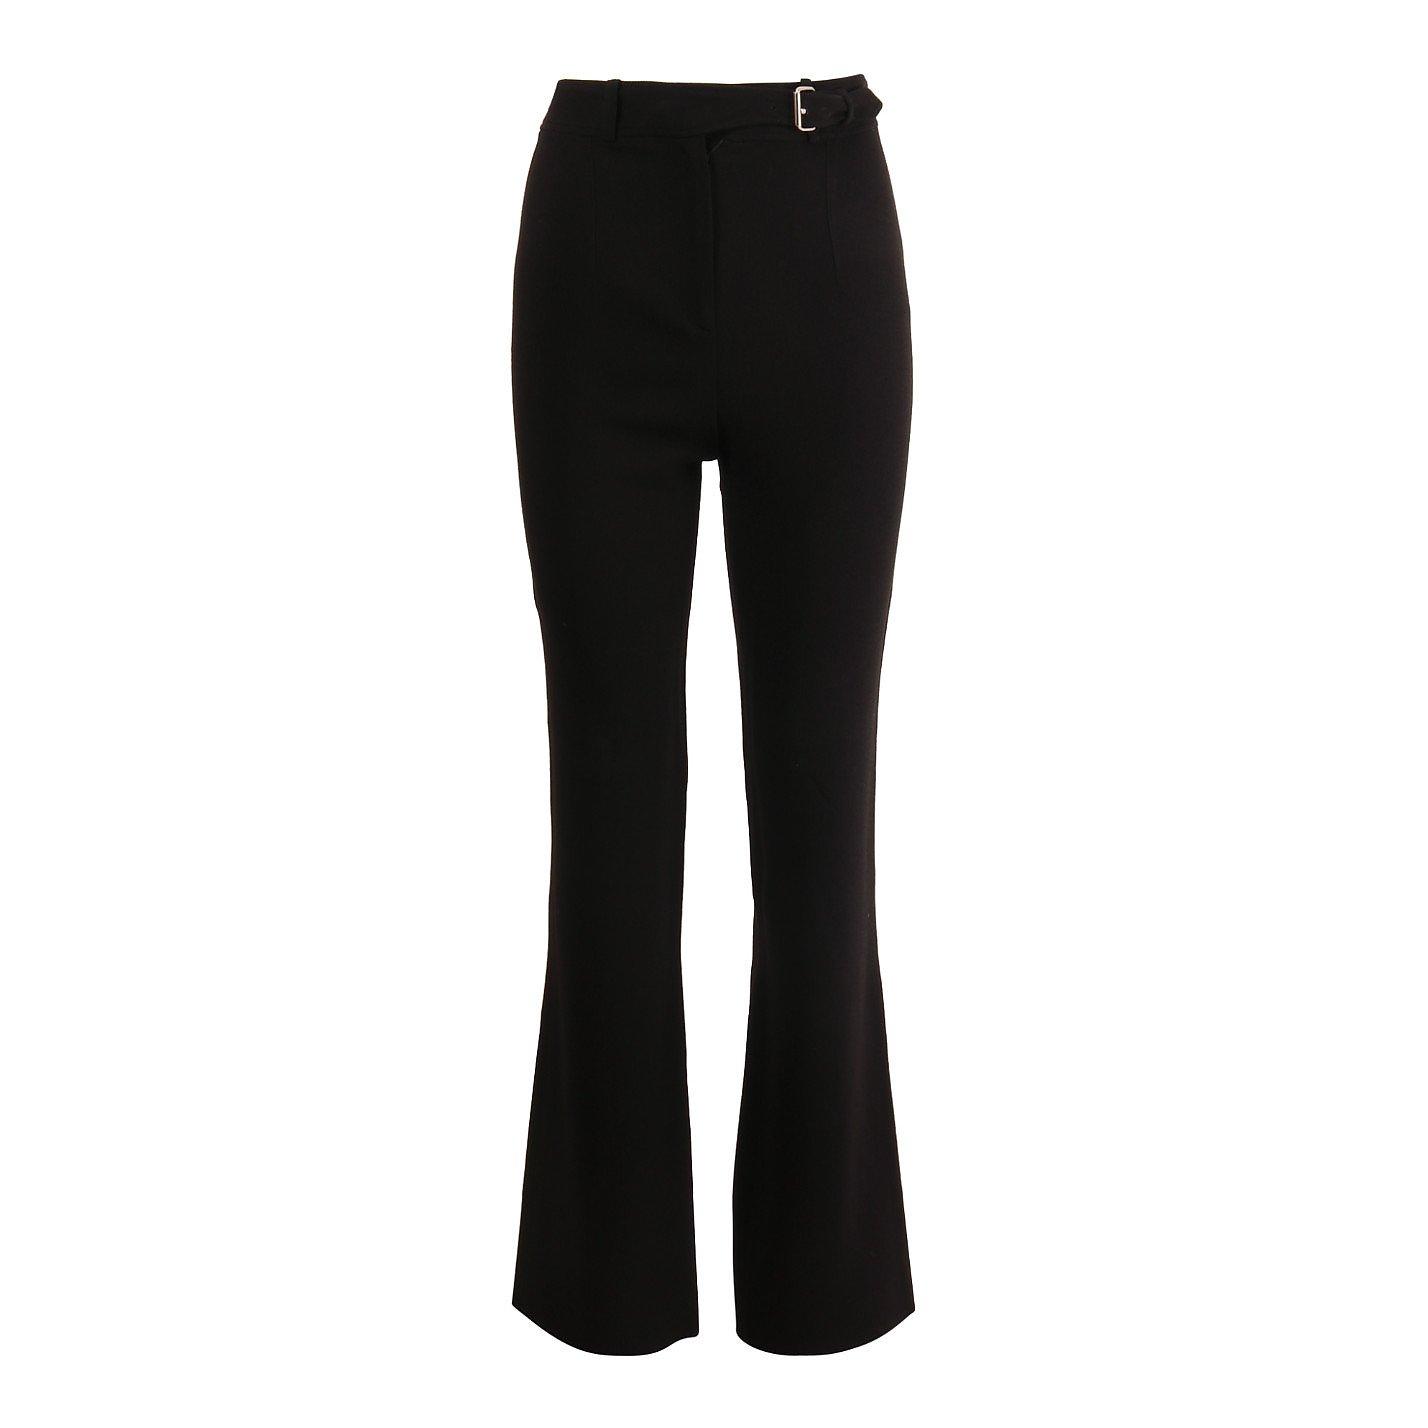 Balenciaga High Waisted Trousers